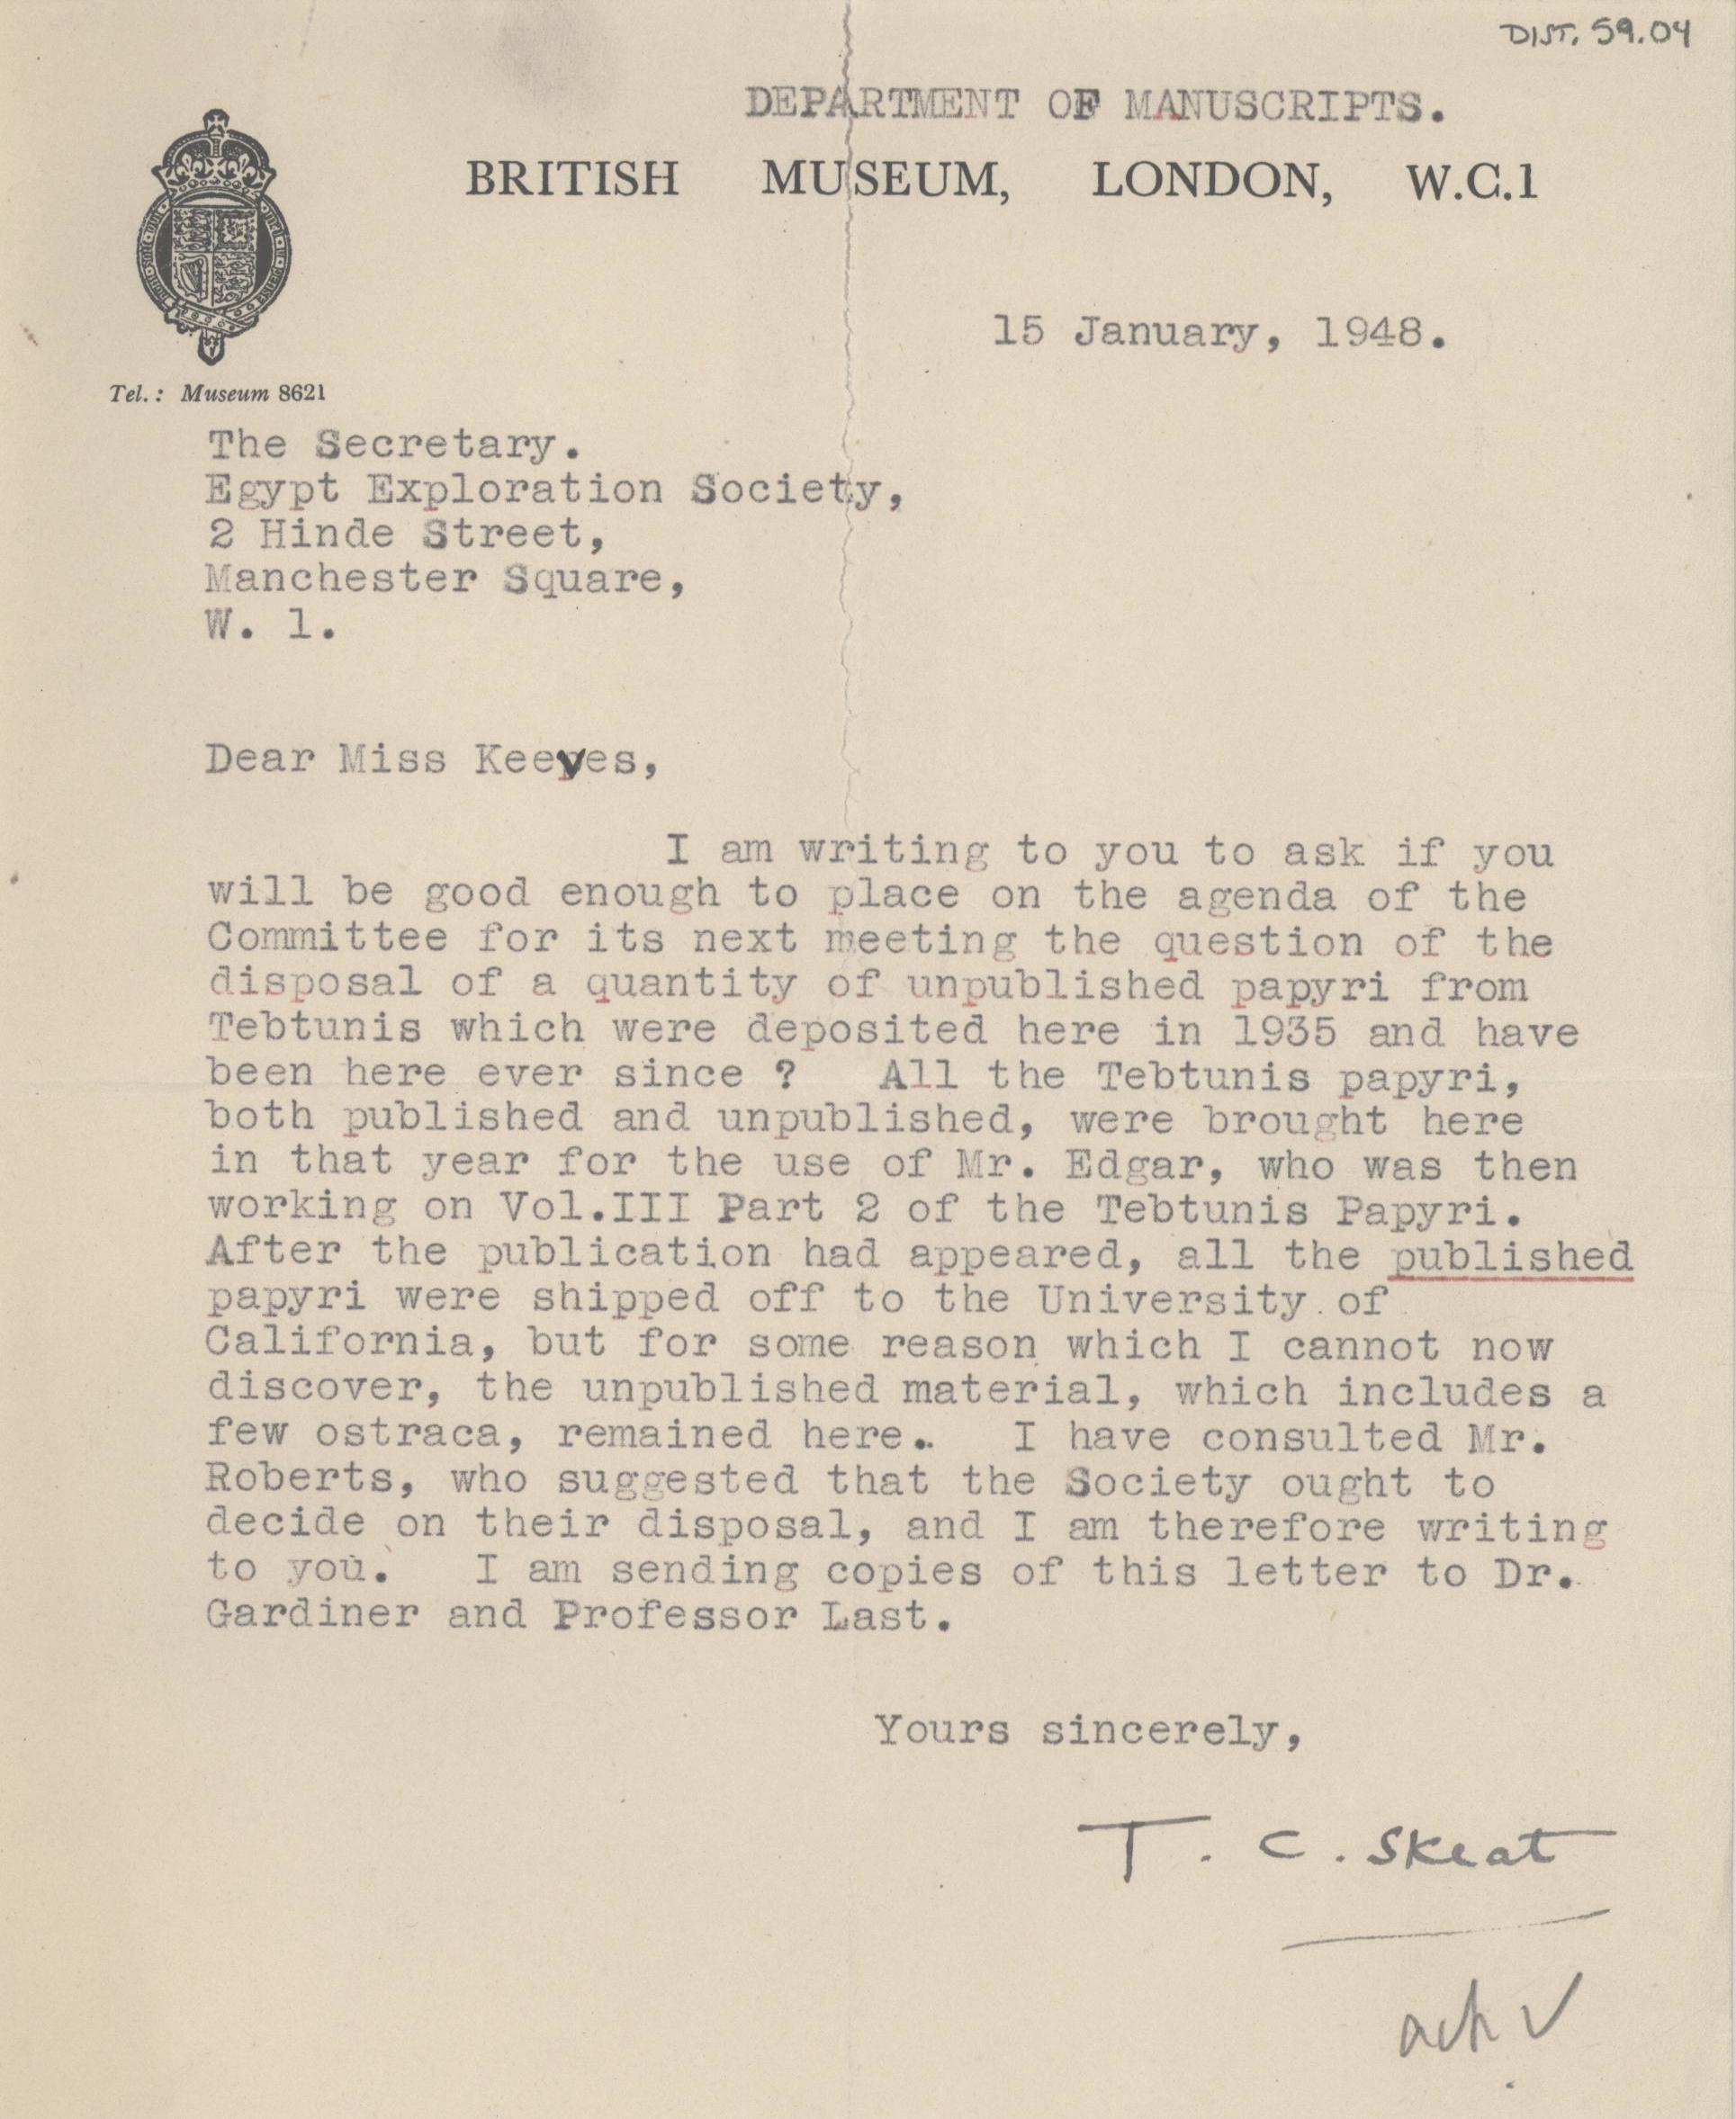 1934-38 Tebtunis papyri correspondence DIST.59.04